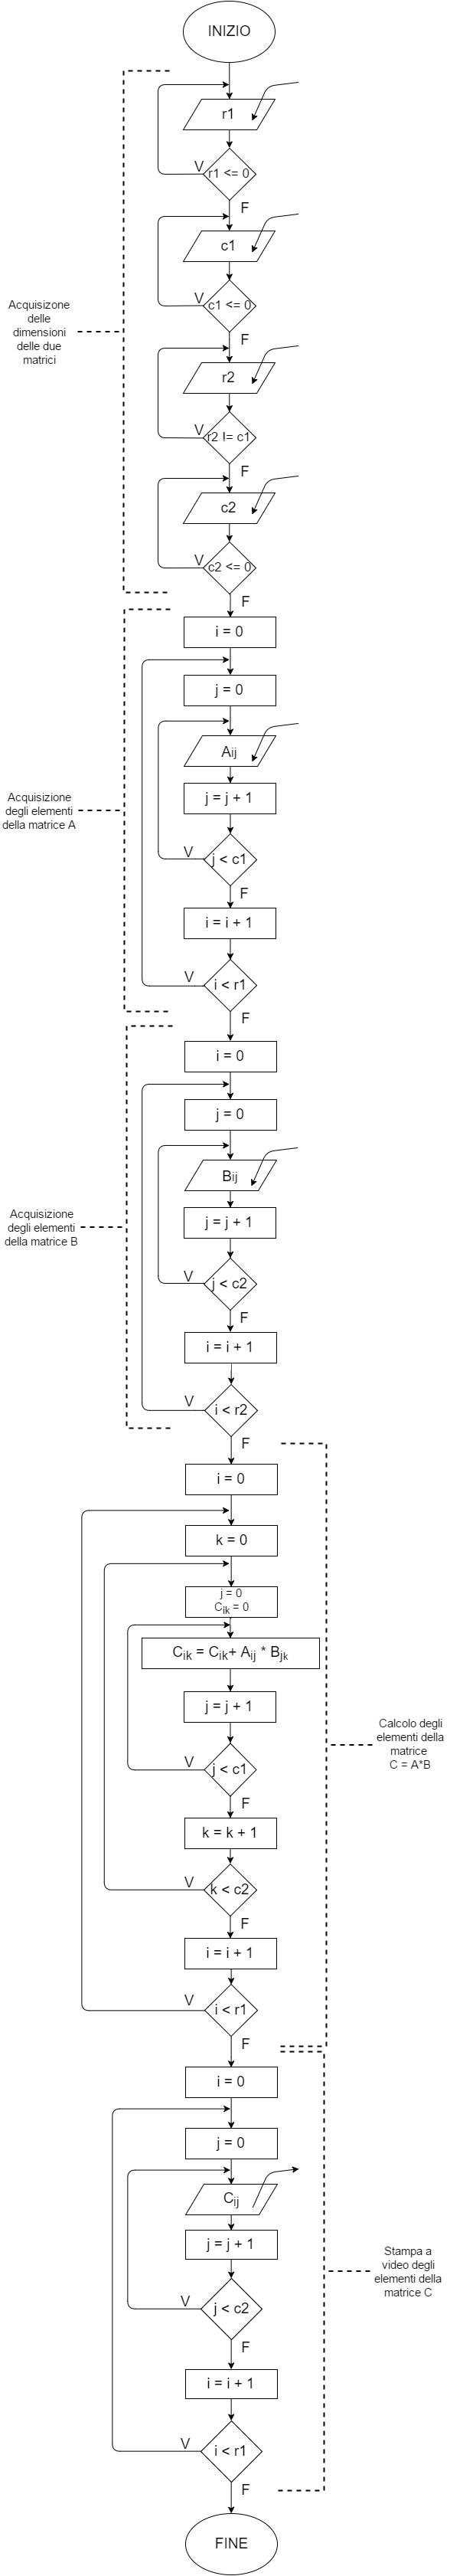 Prodotto Riga Per Colonna.Diagrammi Di Flusso E Codice Matlab Fondamenti Di Informatica